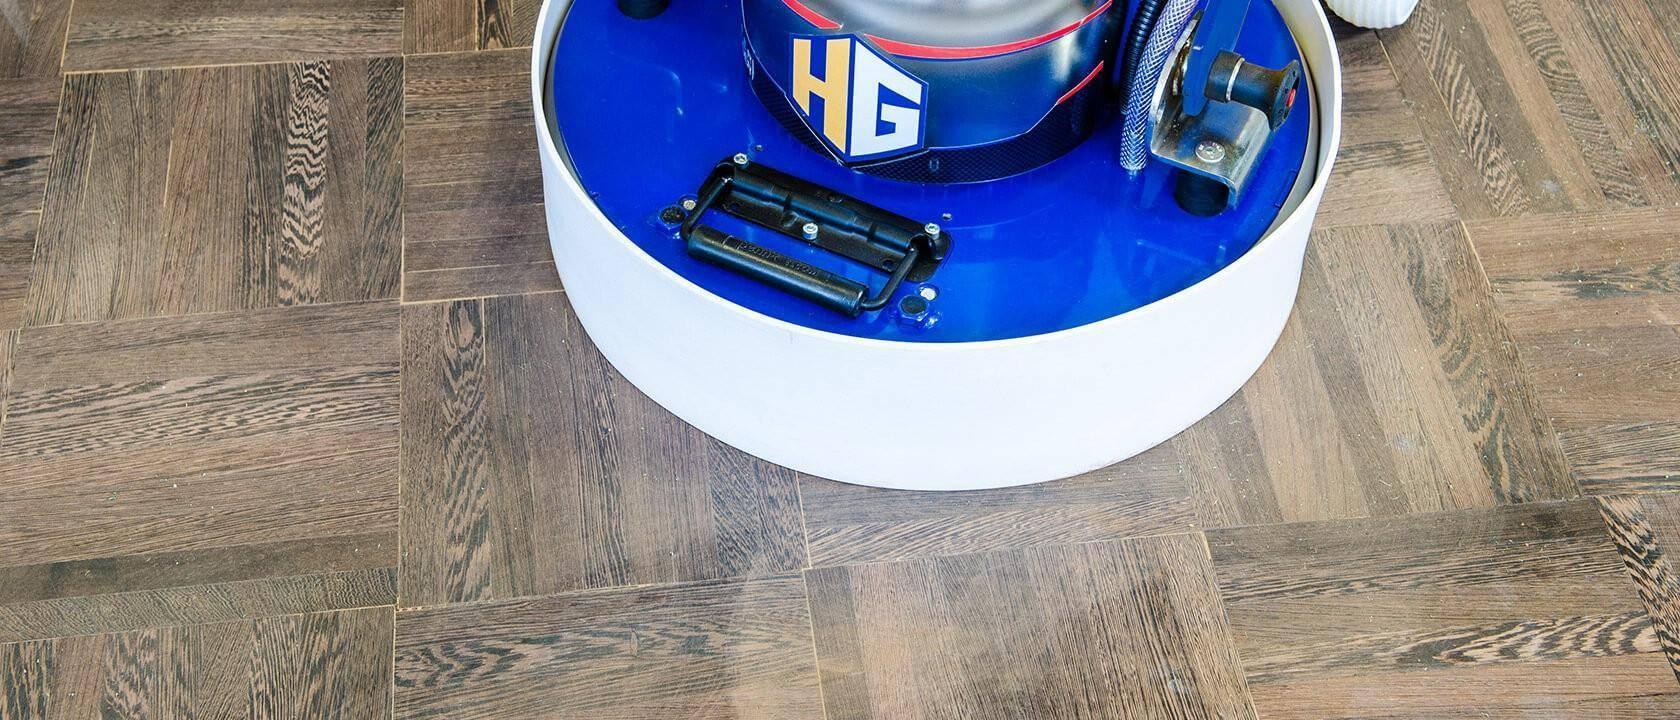 Floor polisher - HYPER ORBIT - Floor grinder